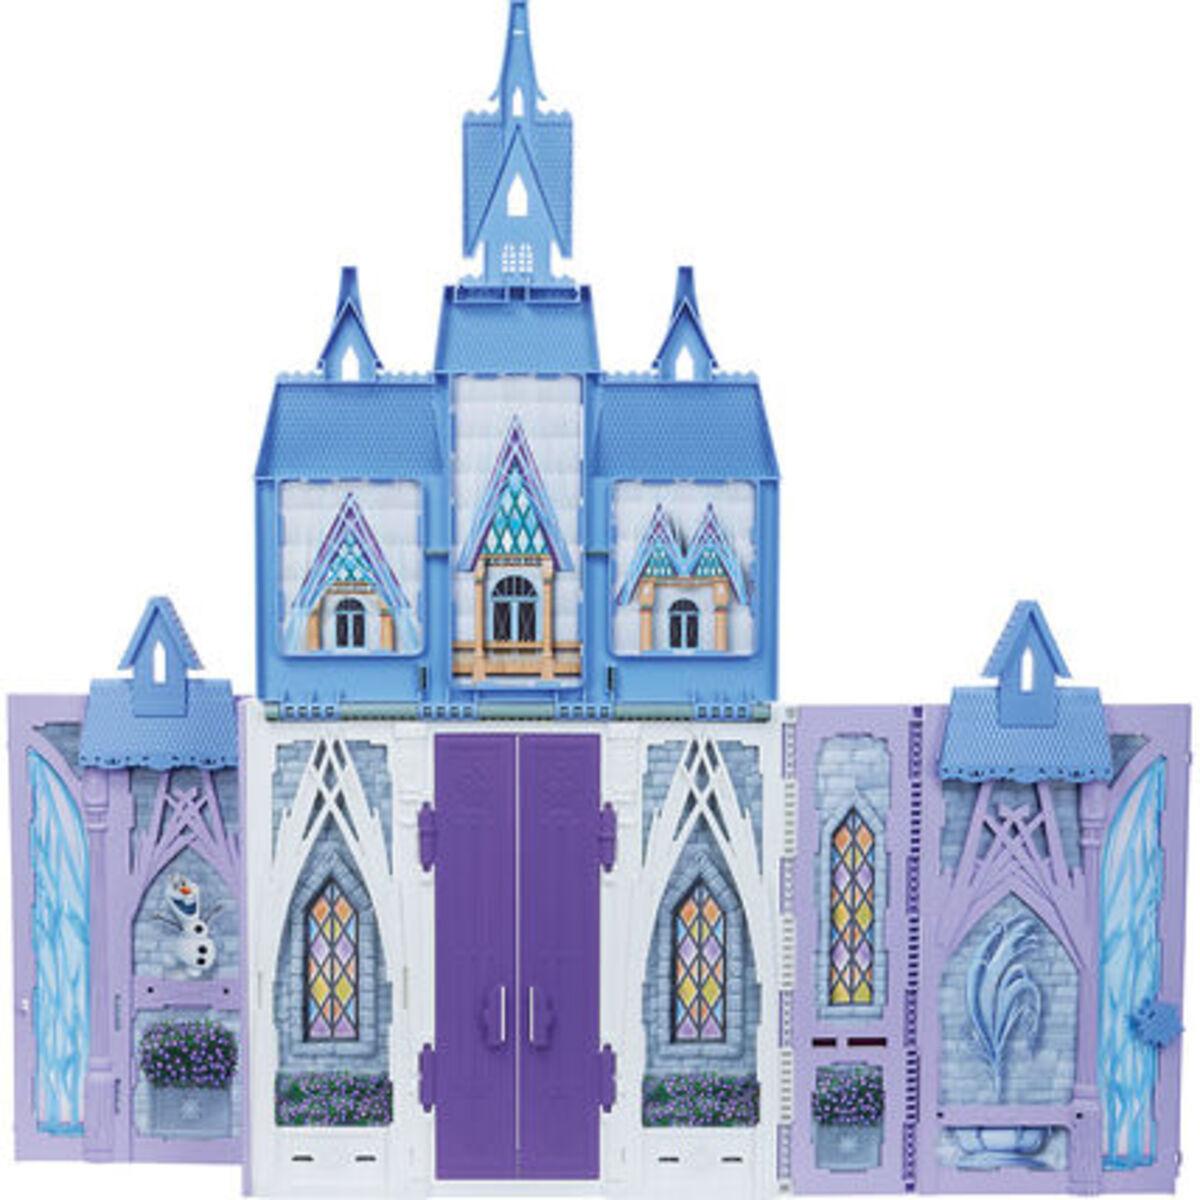 """Bild 2 von Hasbro Puppenhaus Arendelle Schloss für unterwegs """"Disney Die Eiskönigin"""", lila/blau"""